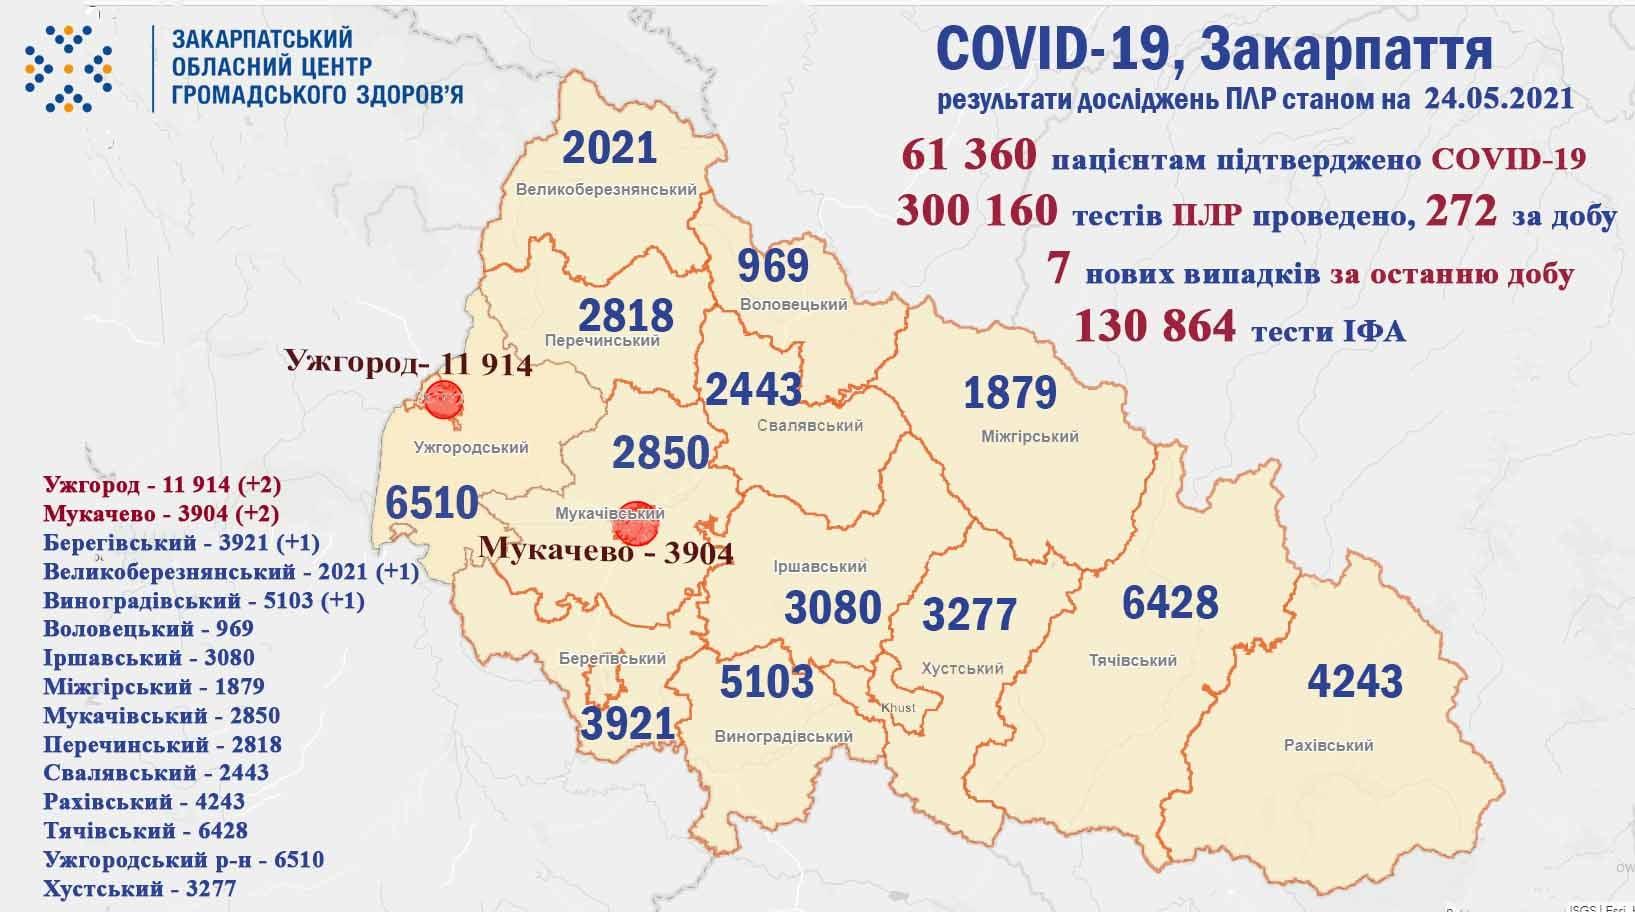 Кілька нових хворих та двоє померлих: яка ситуація із коронавірусом у Закарпатті за минулу добу